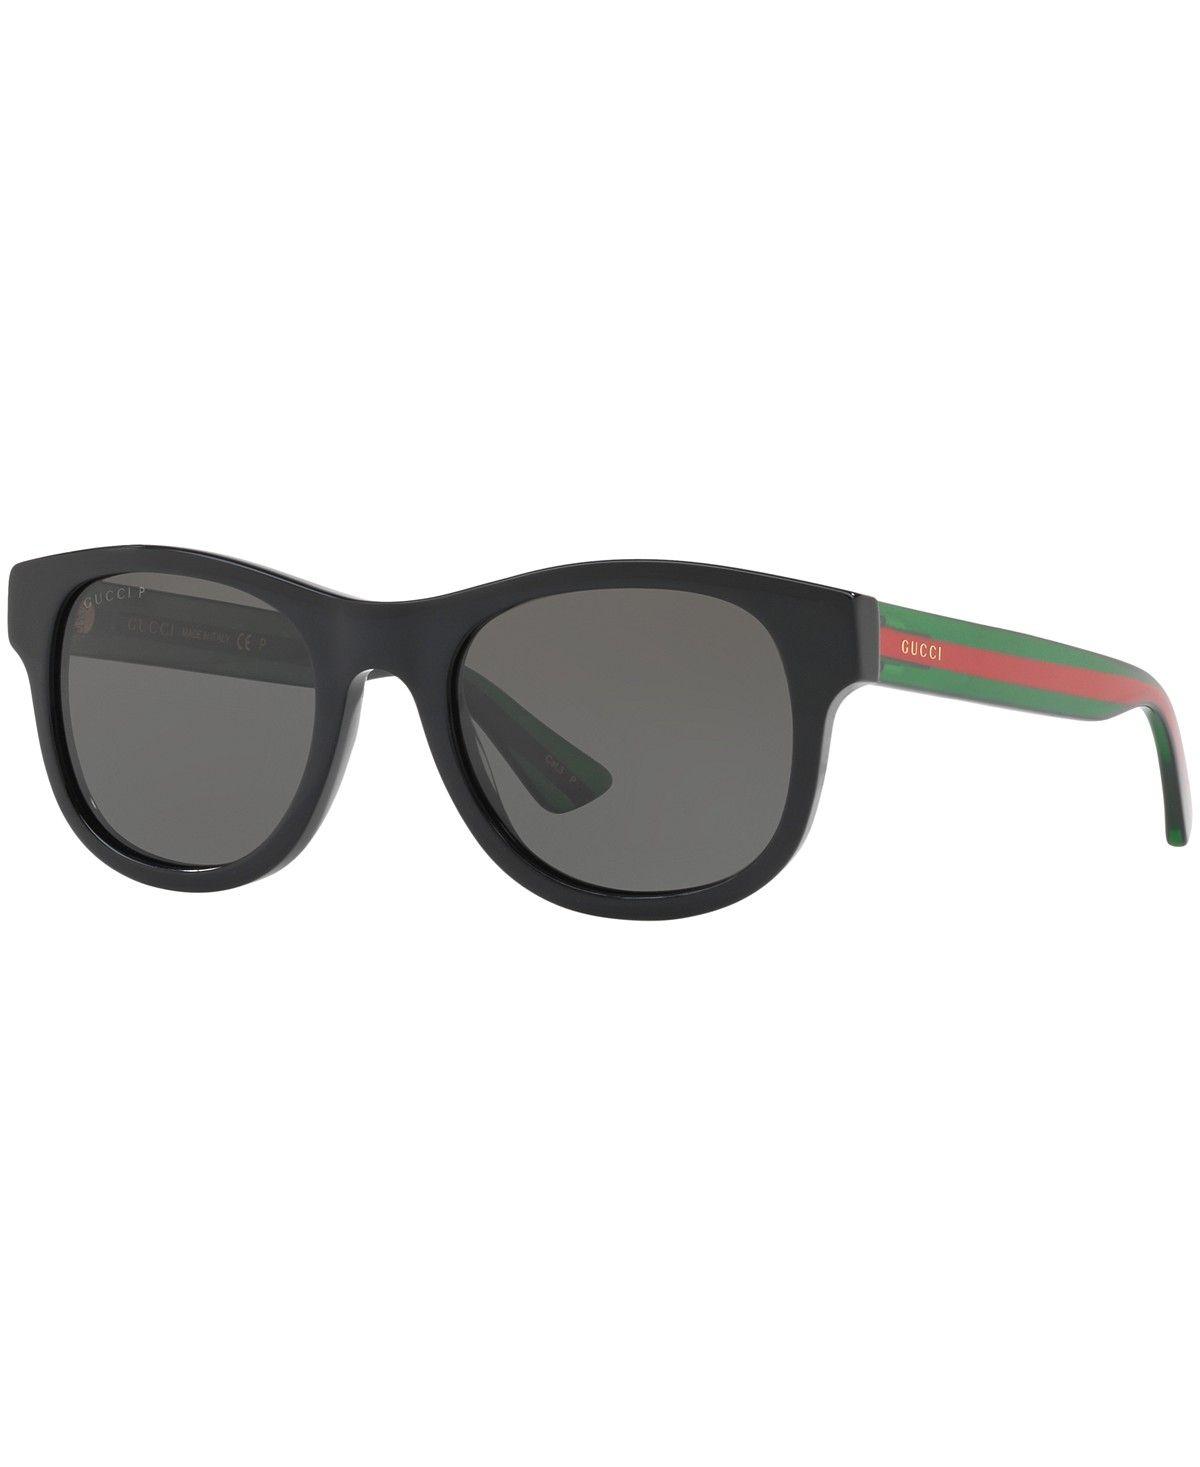 1e23f2675d1 Gucci Polarized Sunglasses